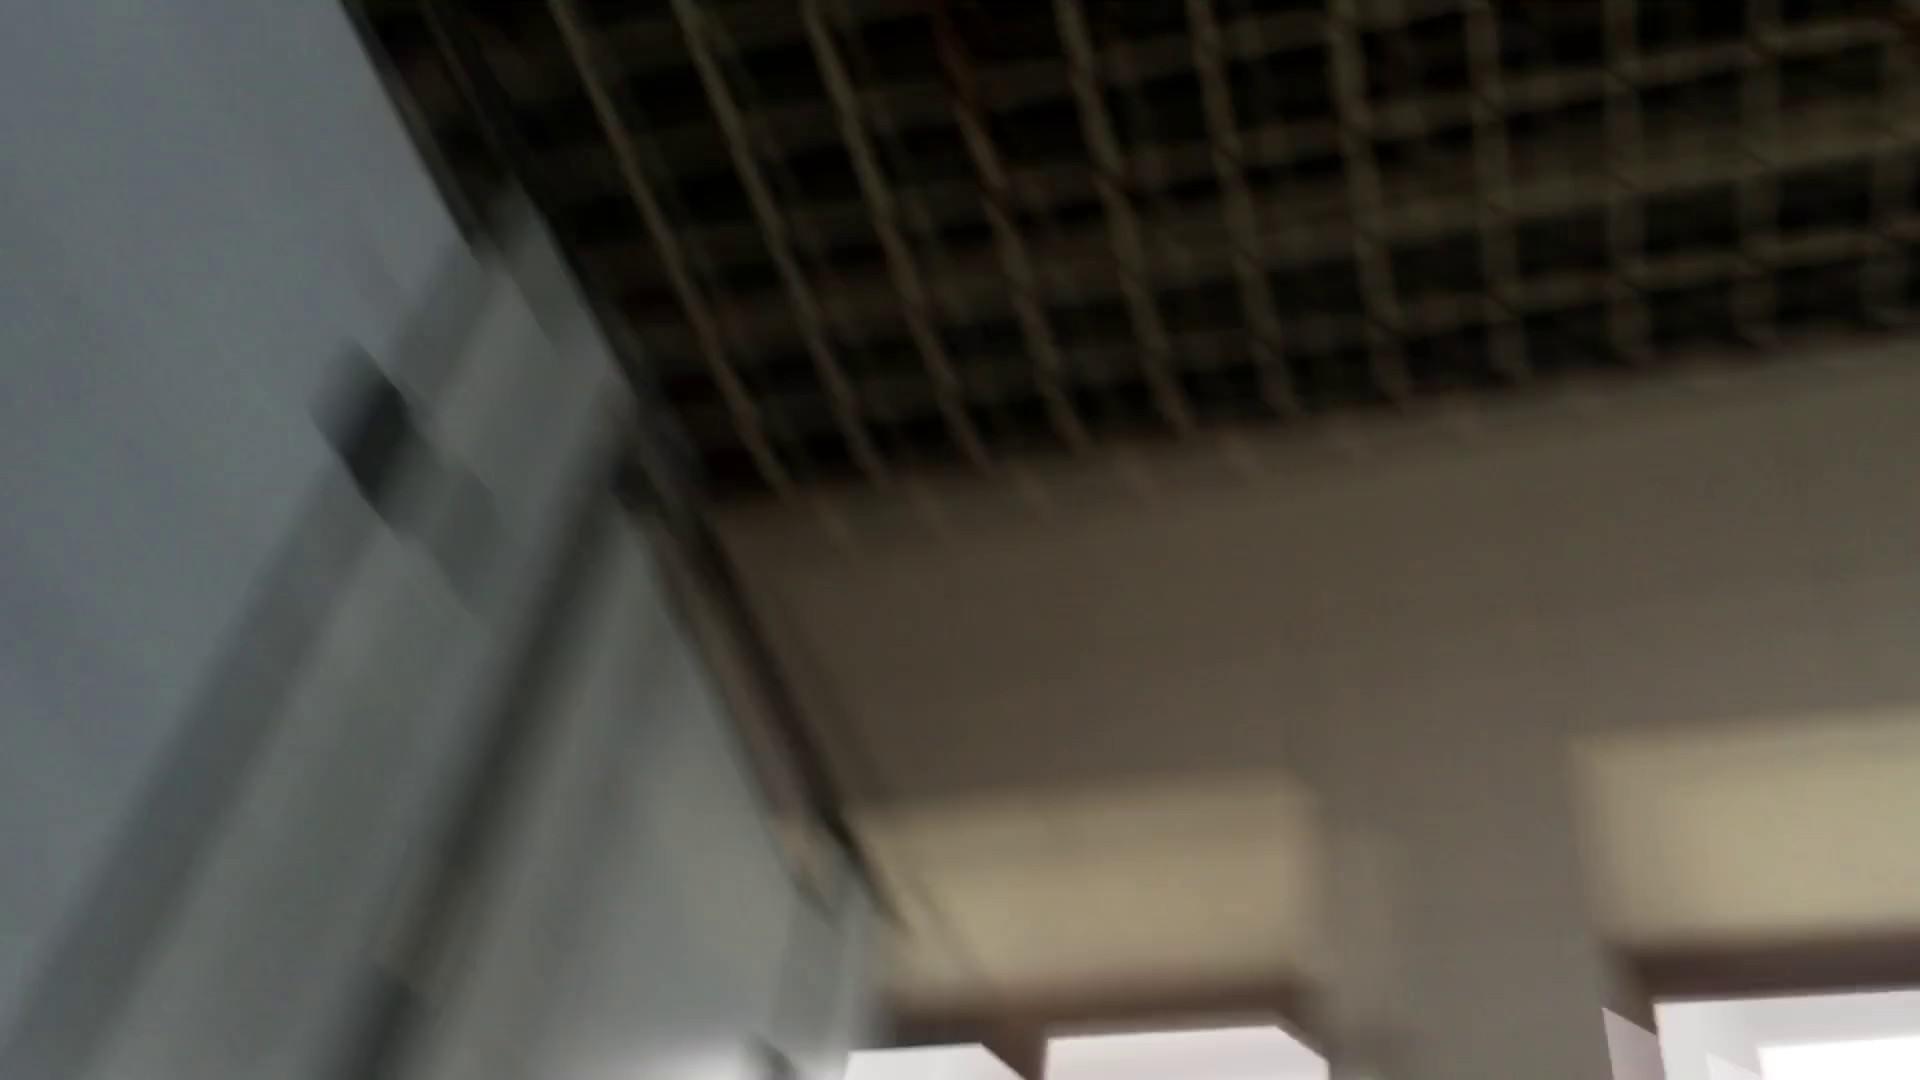 芸術大学ガチ潜入盗撮 JD盗撮 美女の洗面所の秘密 Vol.89 盛合せ ワレメ動画紹介 36画像 27